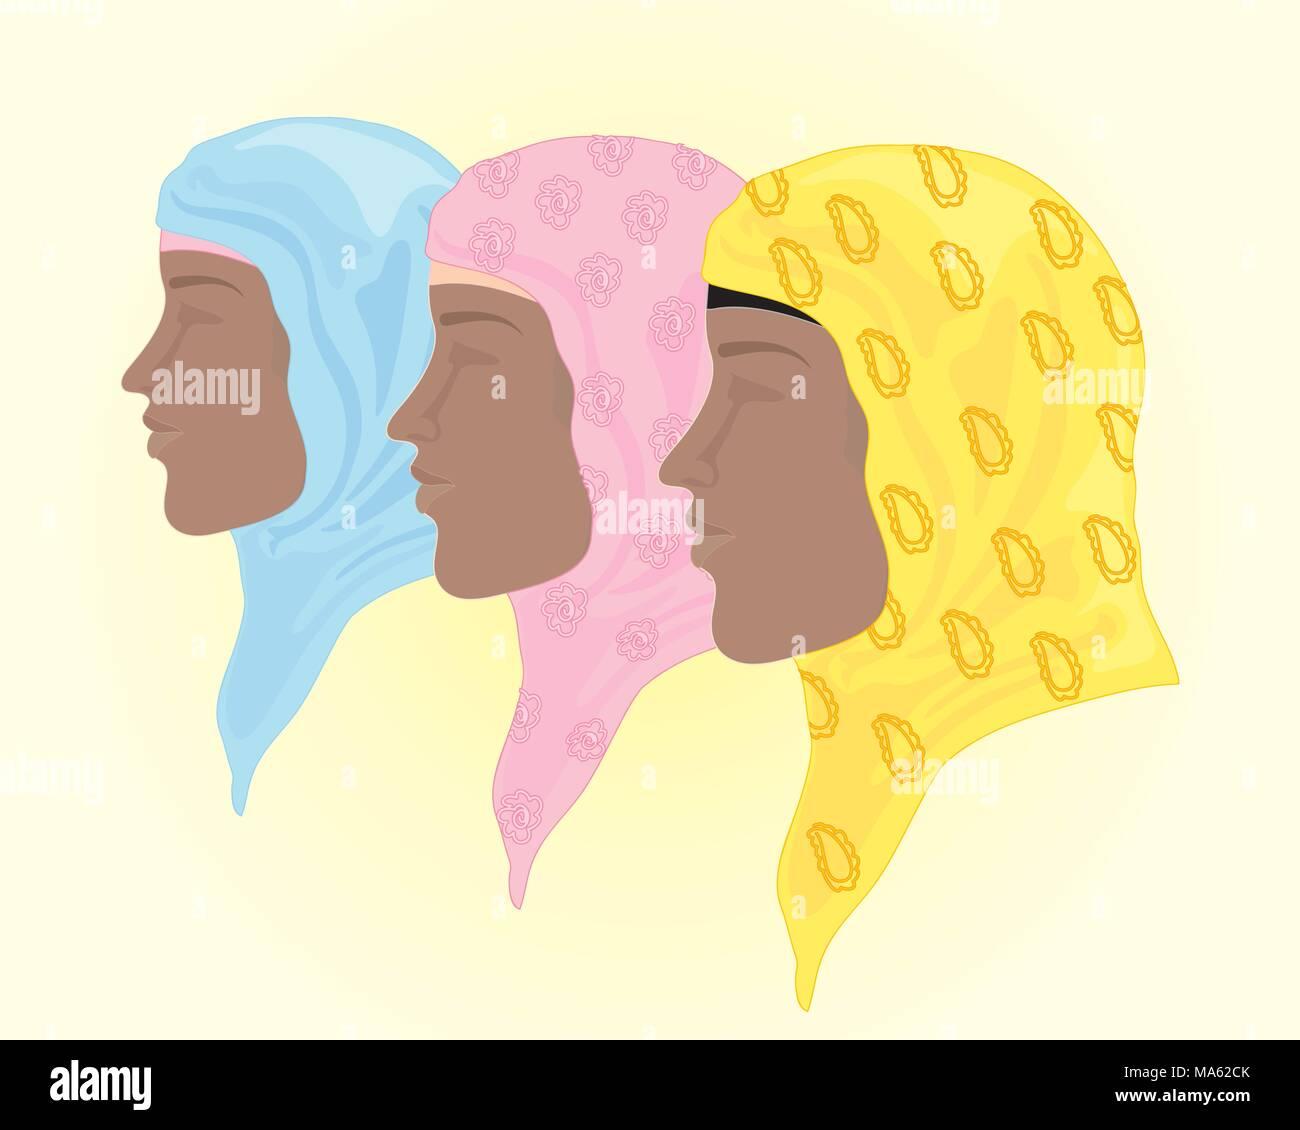 Una illustrazione vettoriale in formato eps di colorate hijab velo in Rosa blu e giallo con spazio di sfondo per il testo Immagini Stock